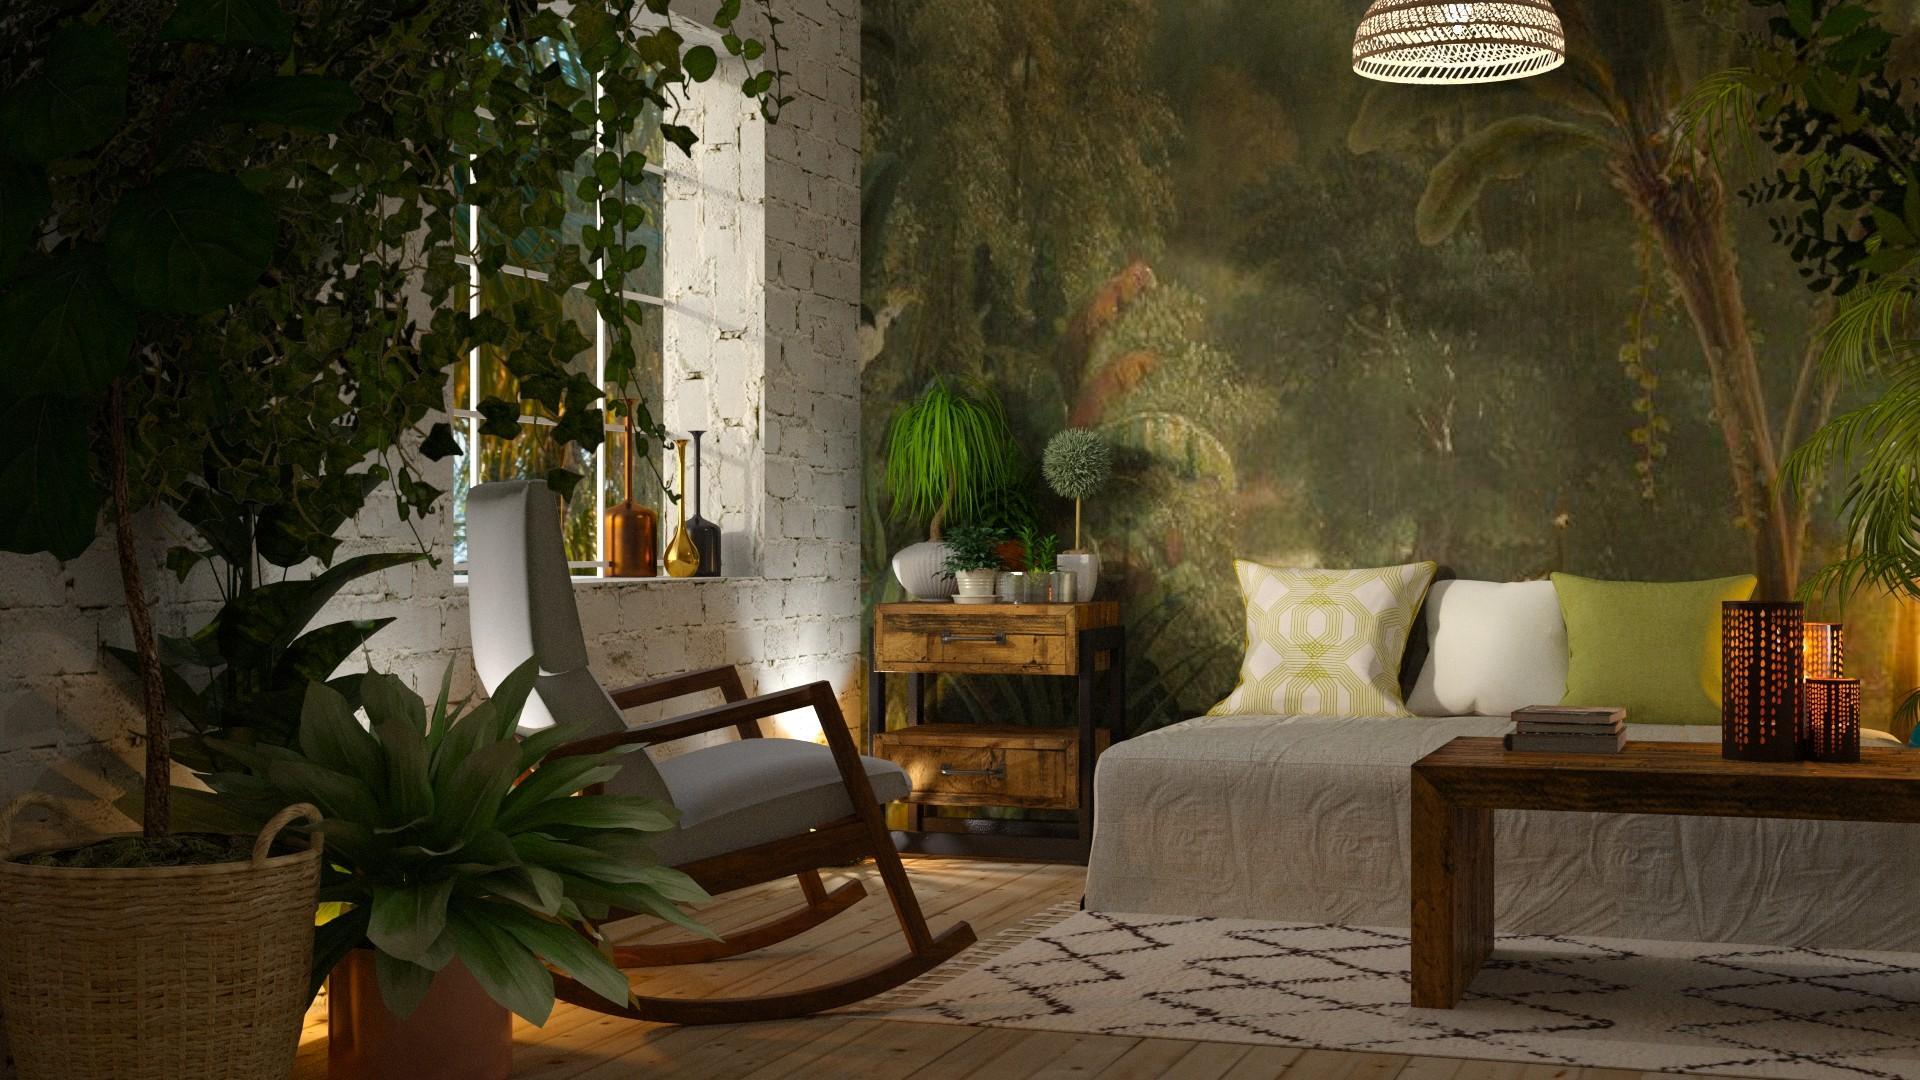 aranżacja salonu w stylu urban jungle